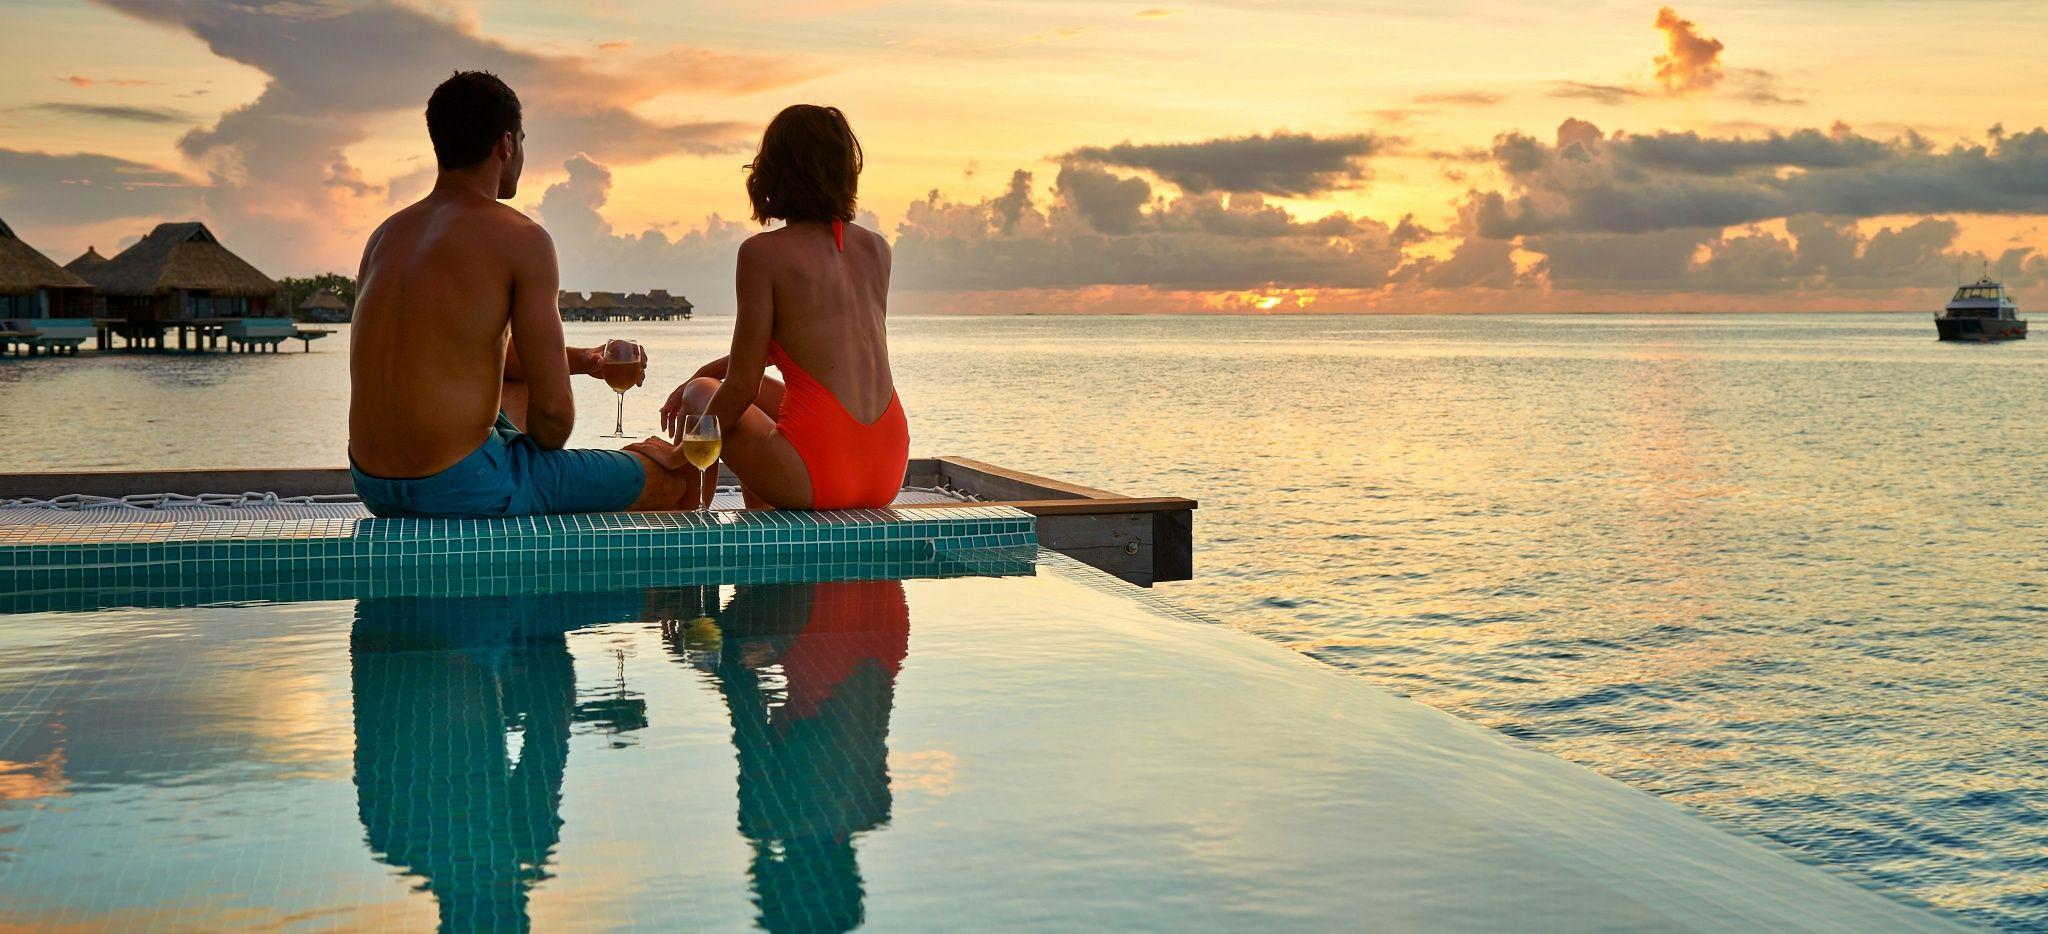 Ein Paar sitzt an der Kante eines Pools und betrachtet den Sonnenuntergang